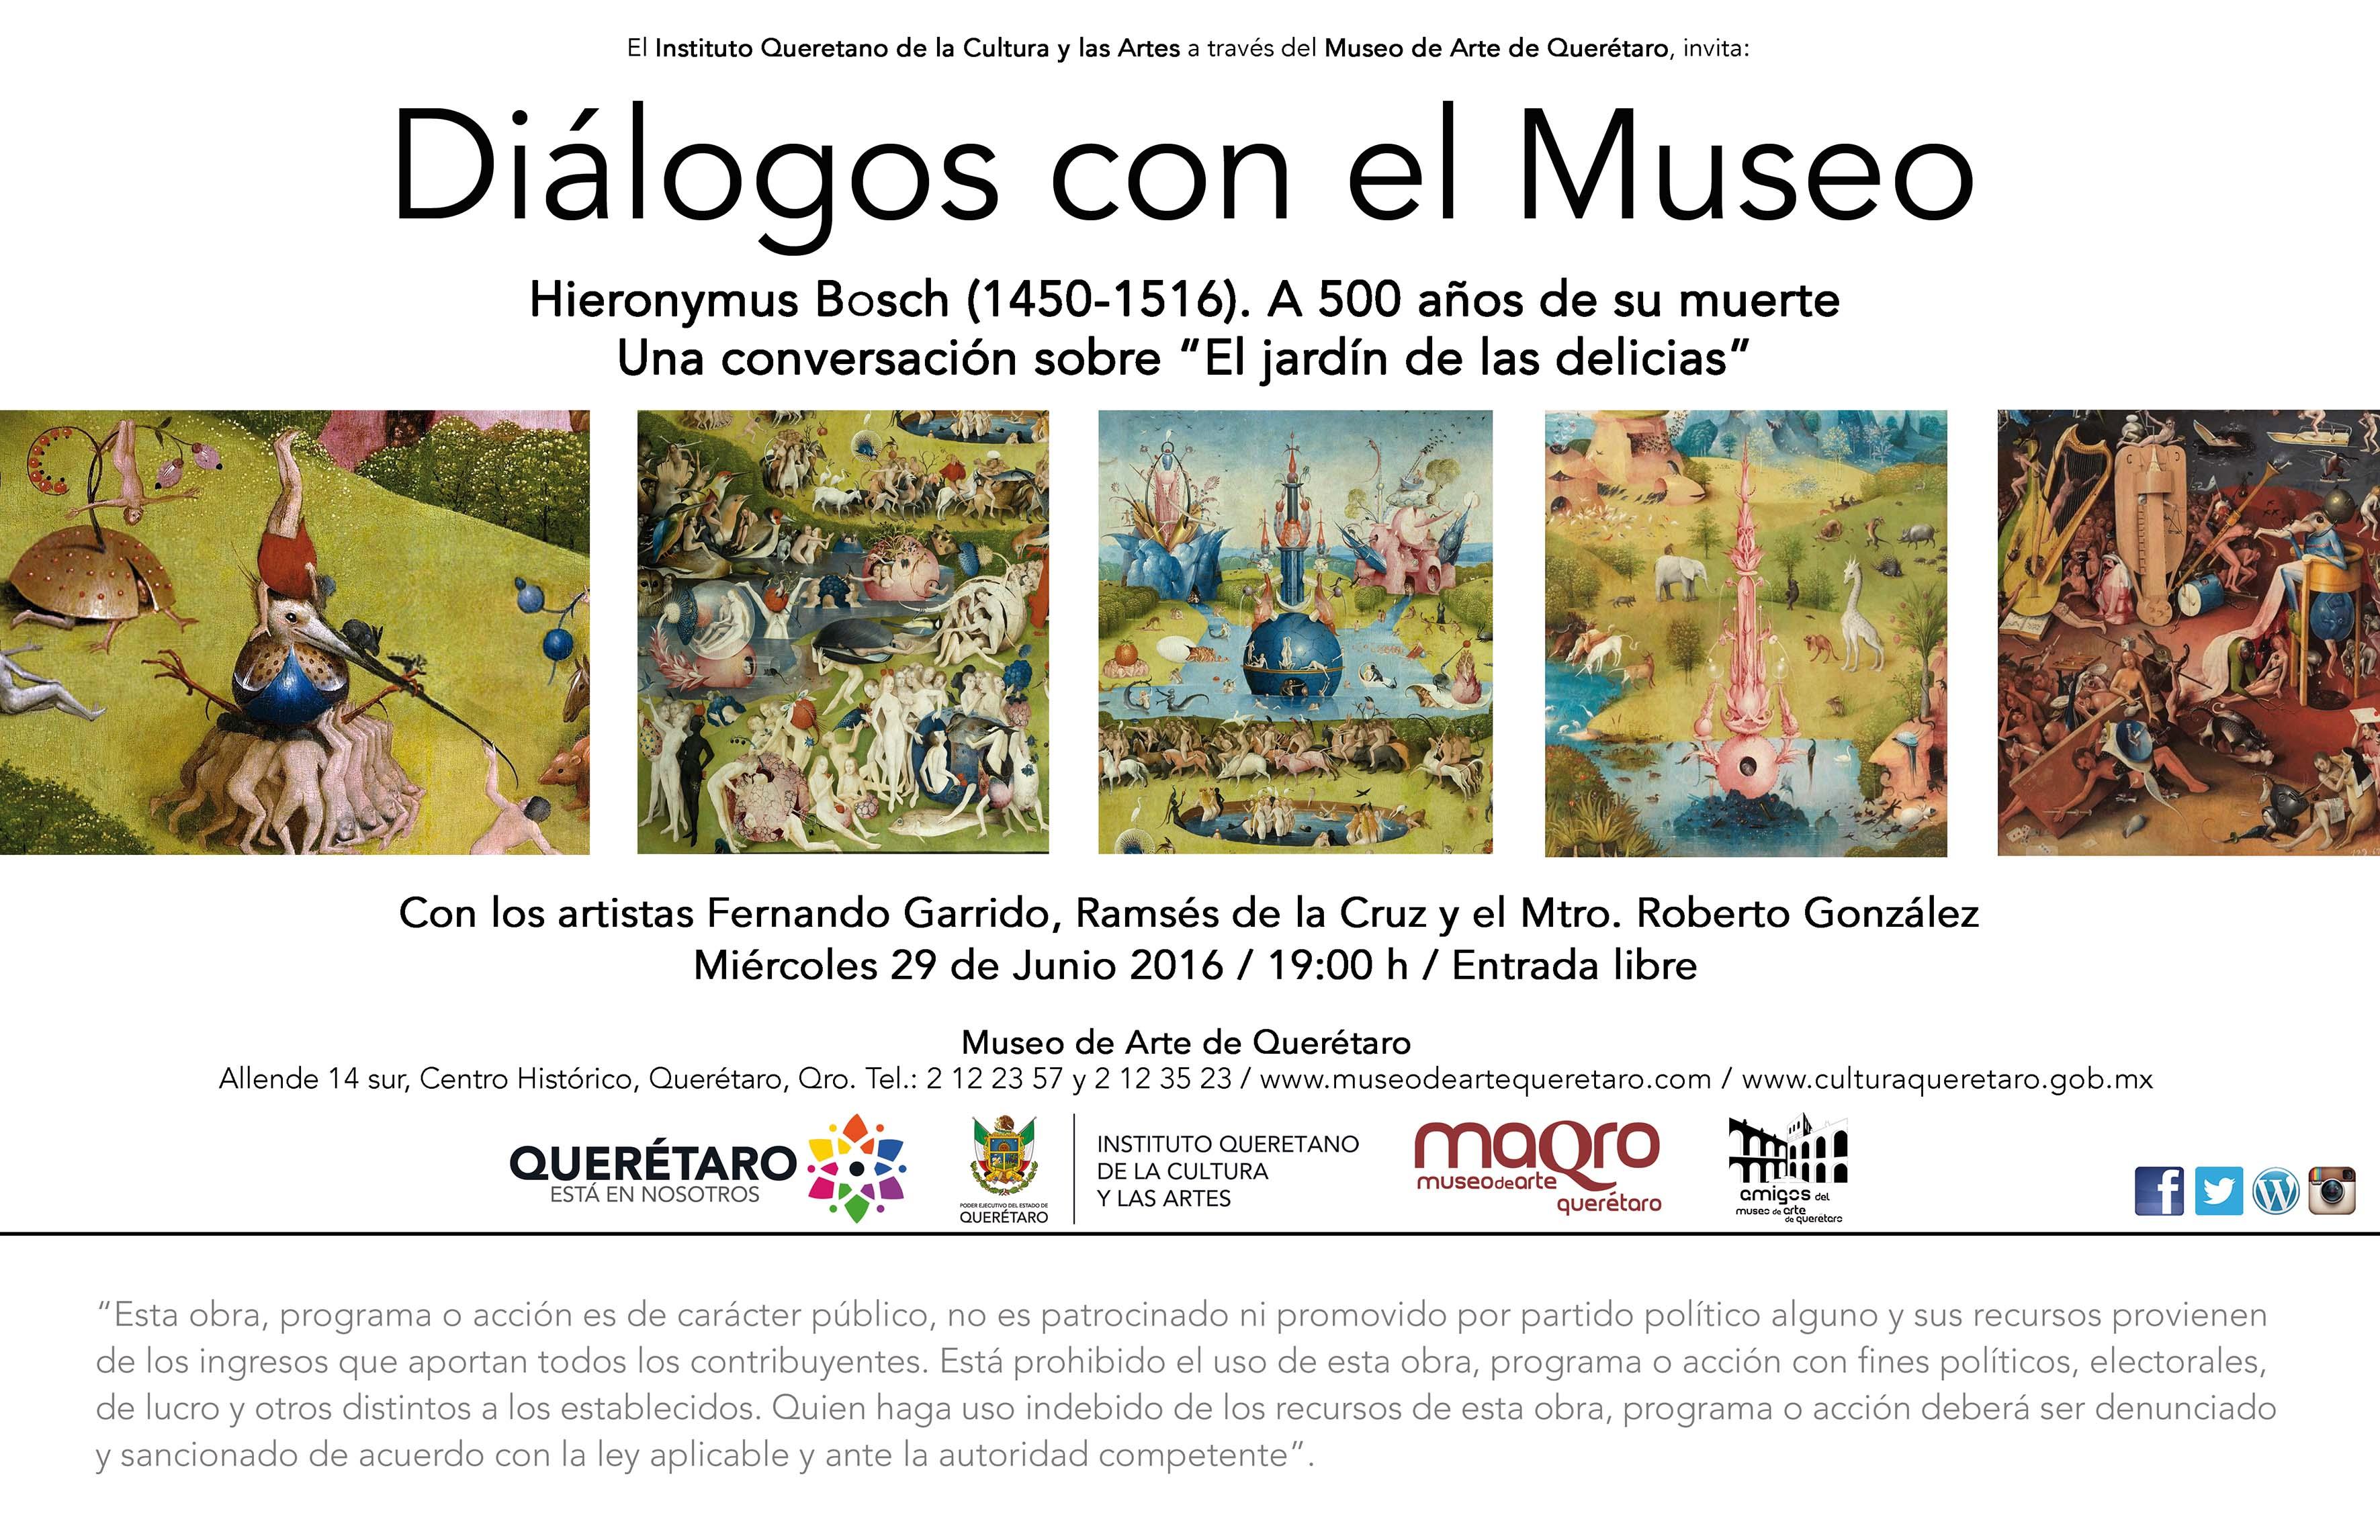 Dialogos con el Museo